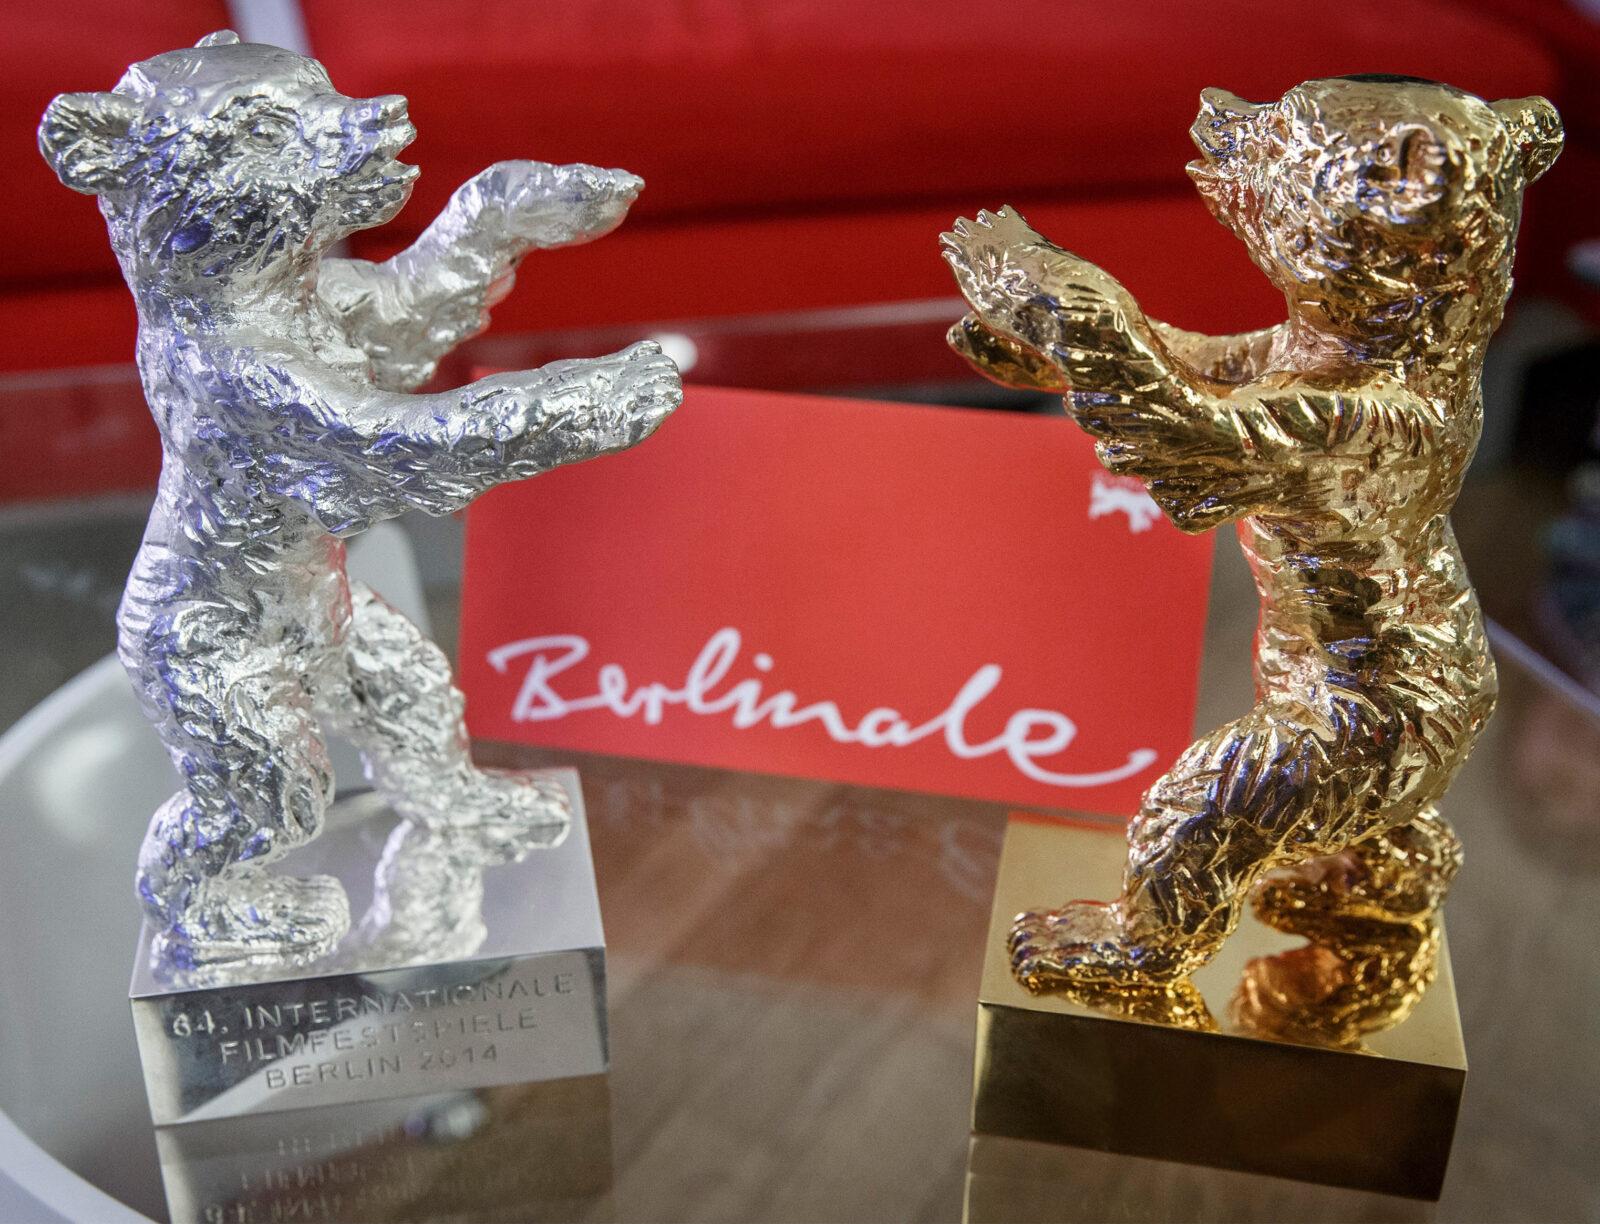 Preise der Internationalen Filmfestspiele Berlin - Silberner Bär und Goldener Bär. Foto. Dirk Michael Deckbar 2014